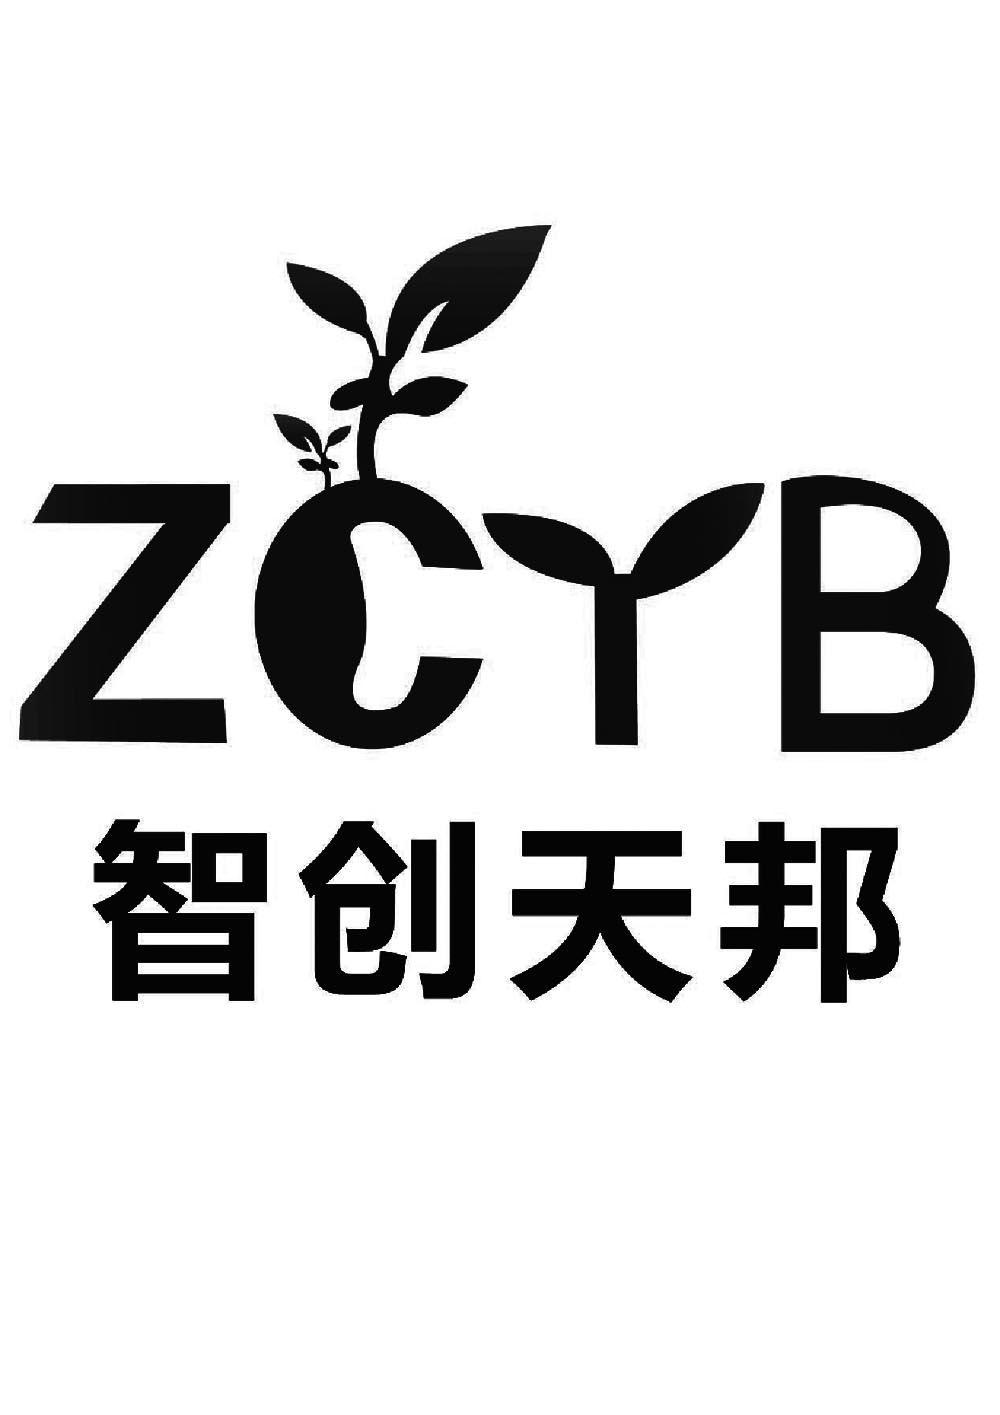 转让商标-智创天邦  ZCTB